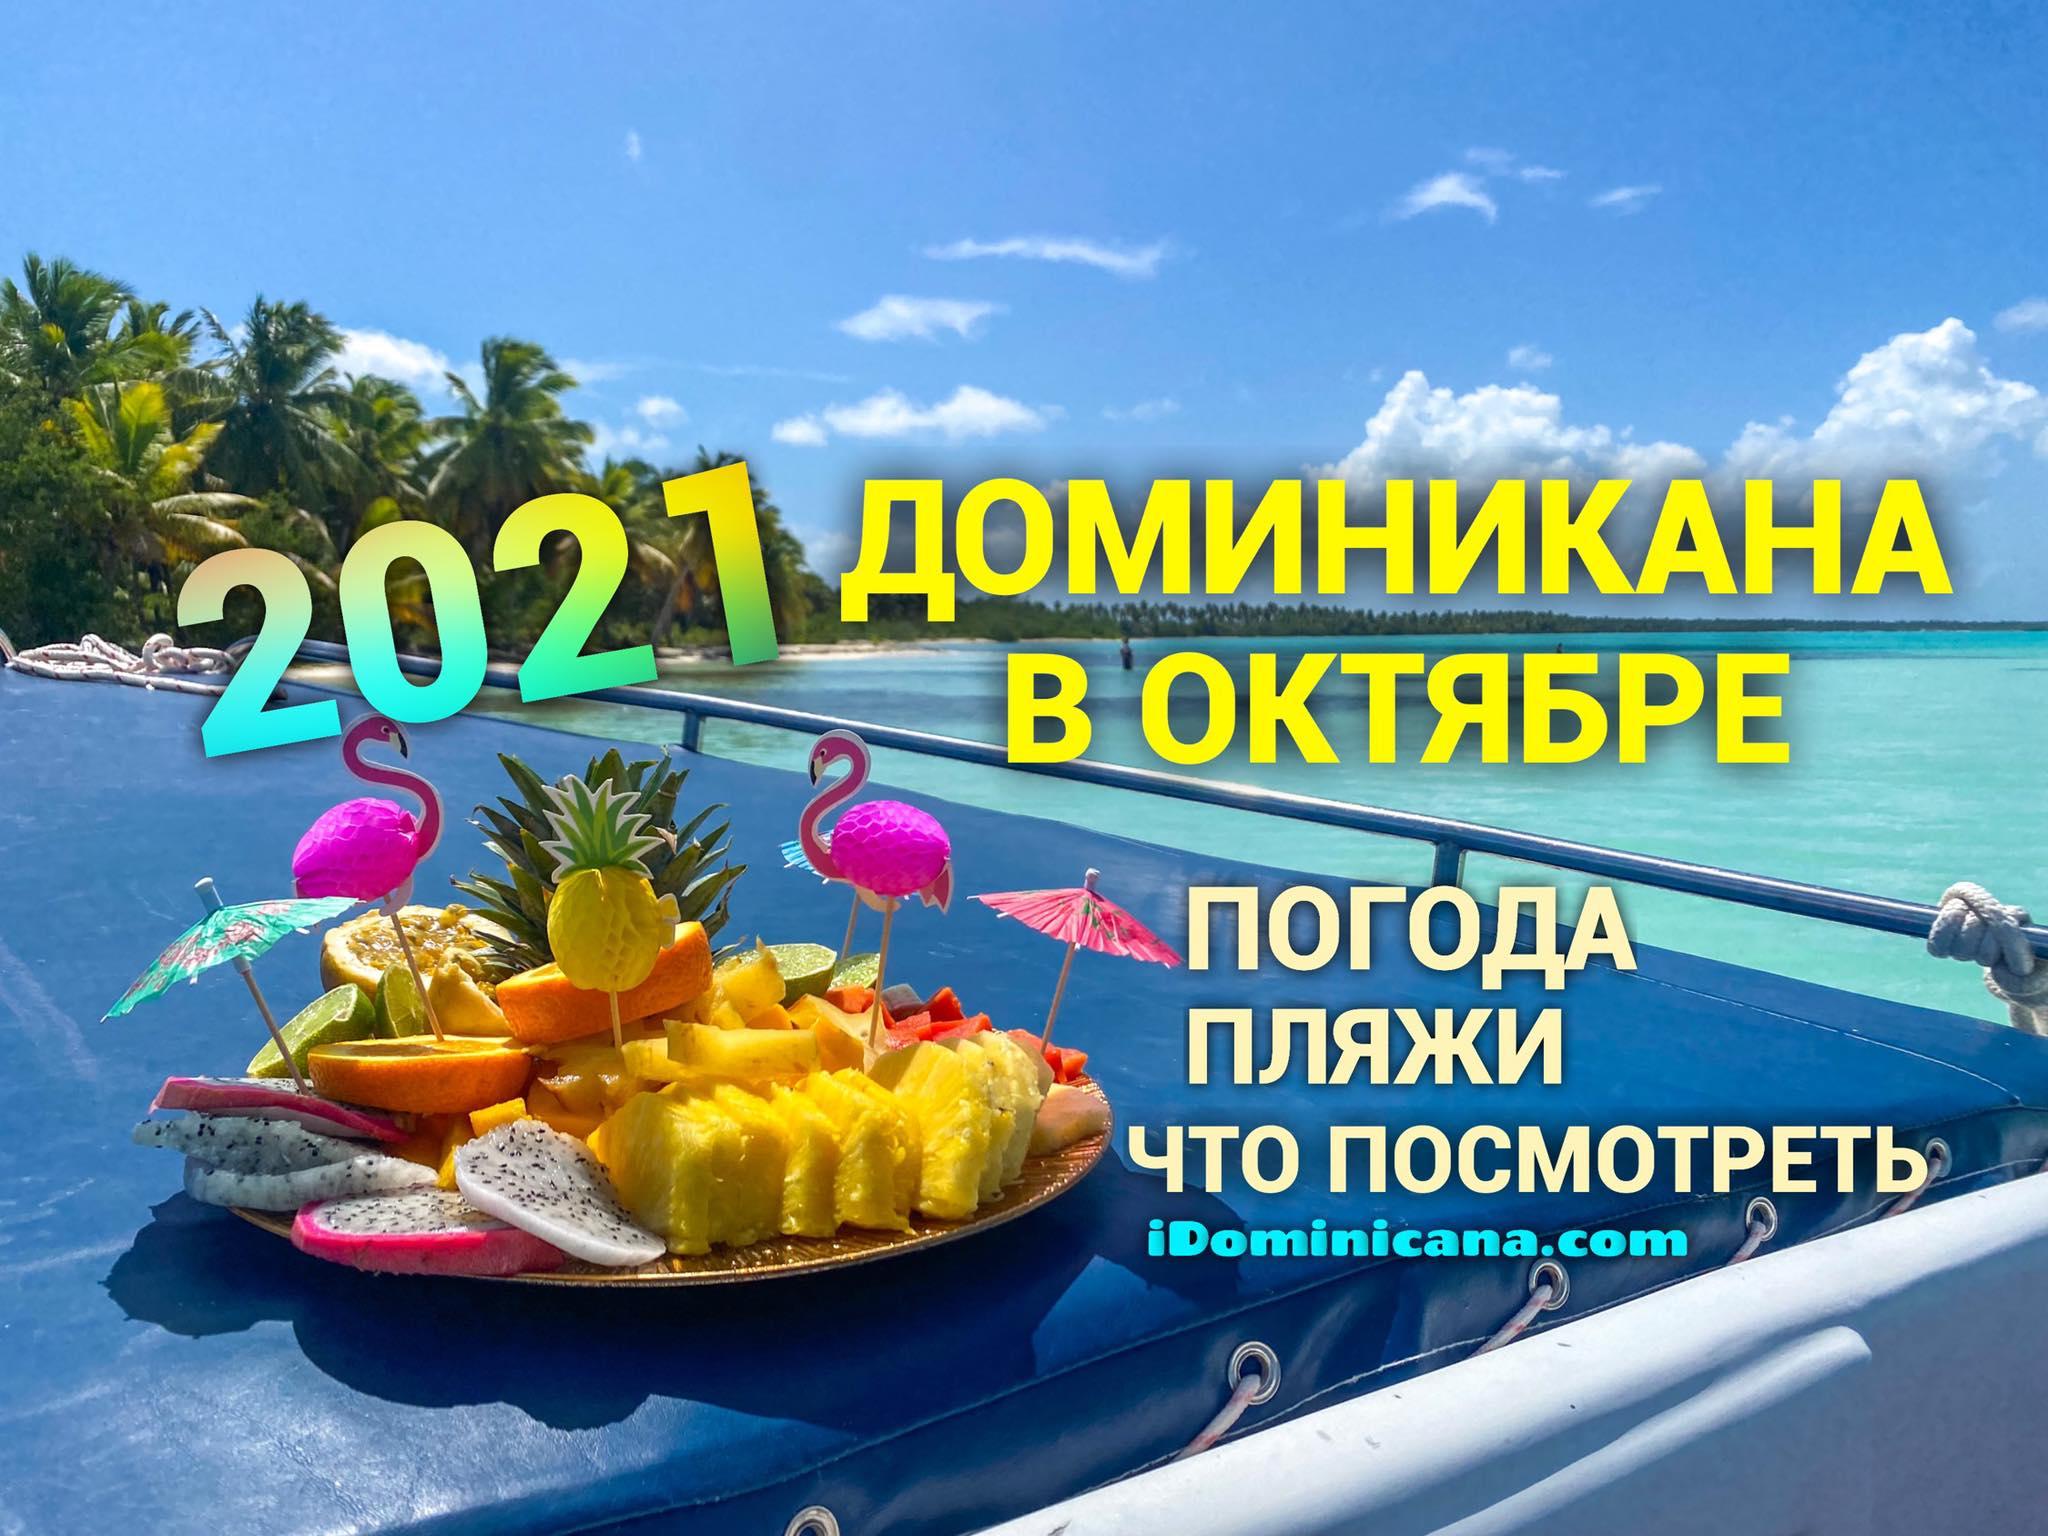 Доминикана в октябре 2021: погода, пляжи, рыбалка, что посмотреть